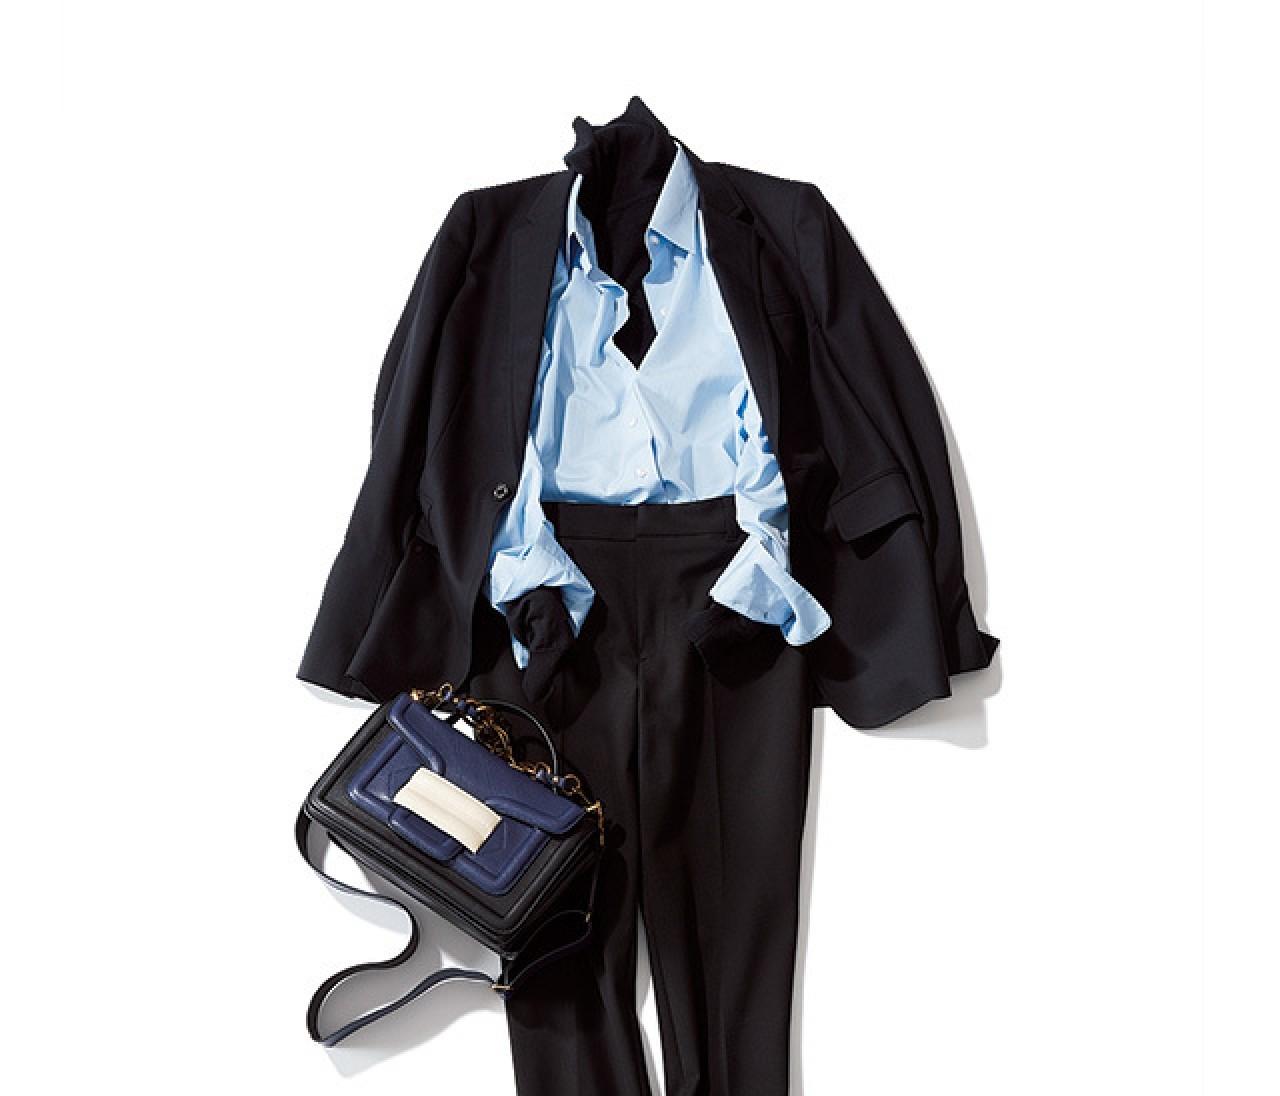 ニット×シャツで、おしゃれ&まじめな黒スタイルで通勤!